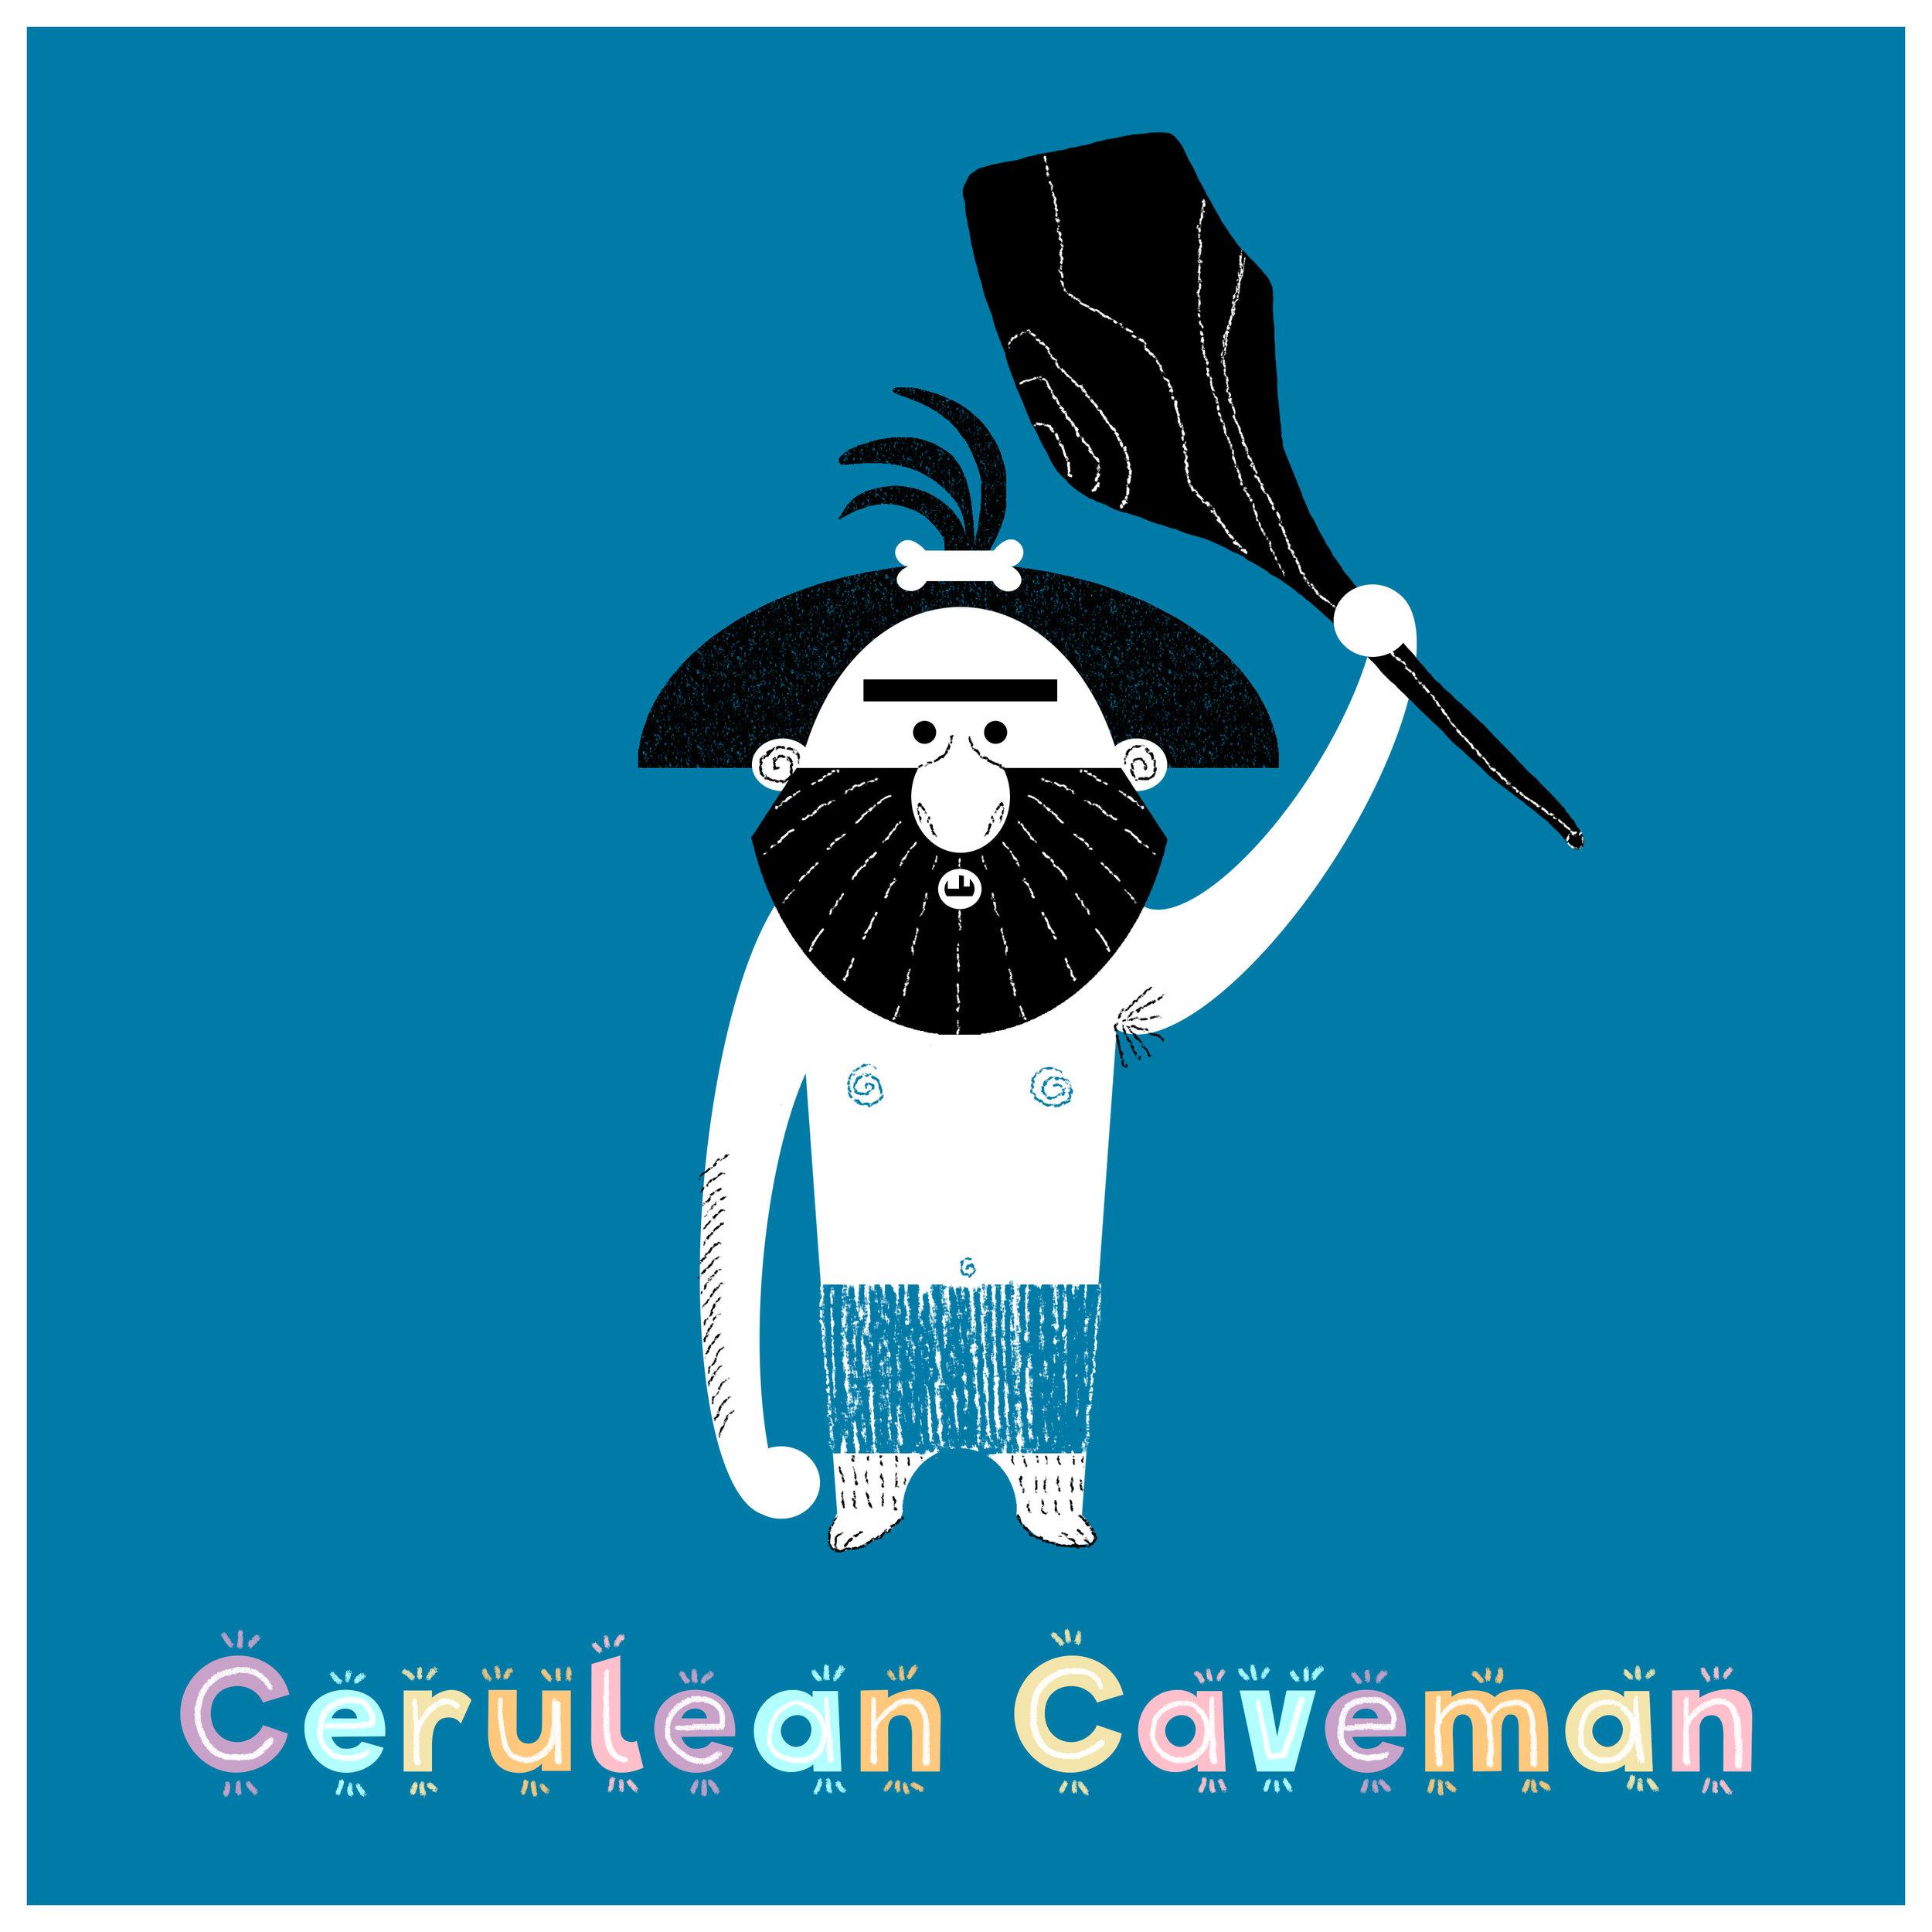 Art_Memory_Game_Cards_Cerulean_Caveman.jpg